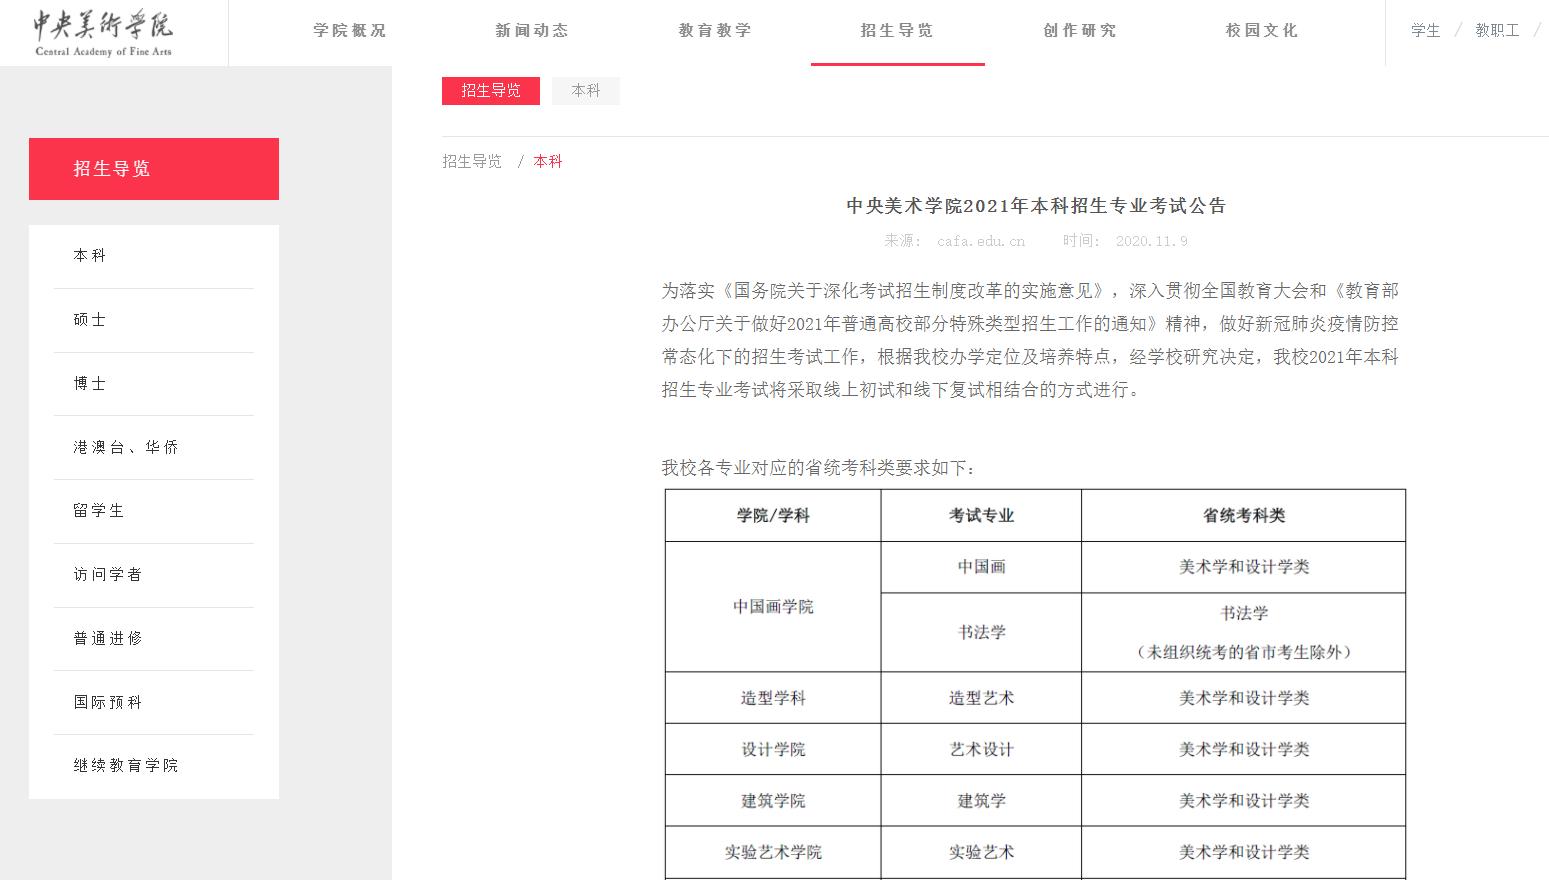 【艺考快讯】中央美术学院2021年本科招生专业考试公告